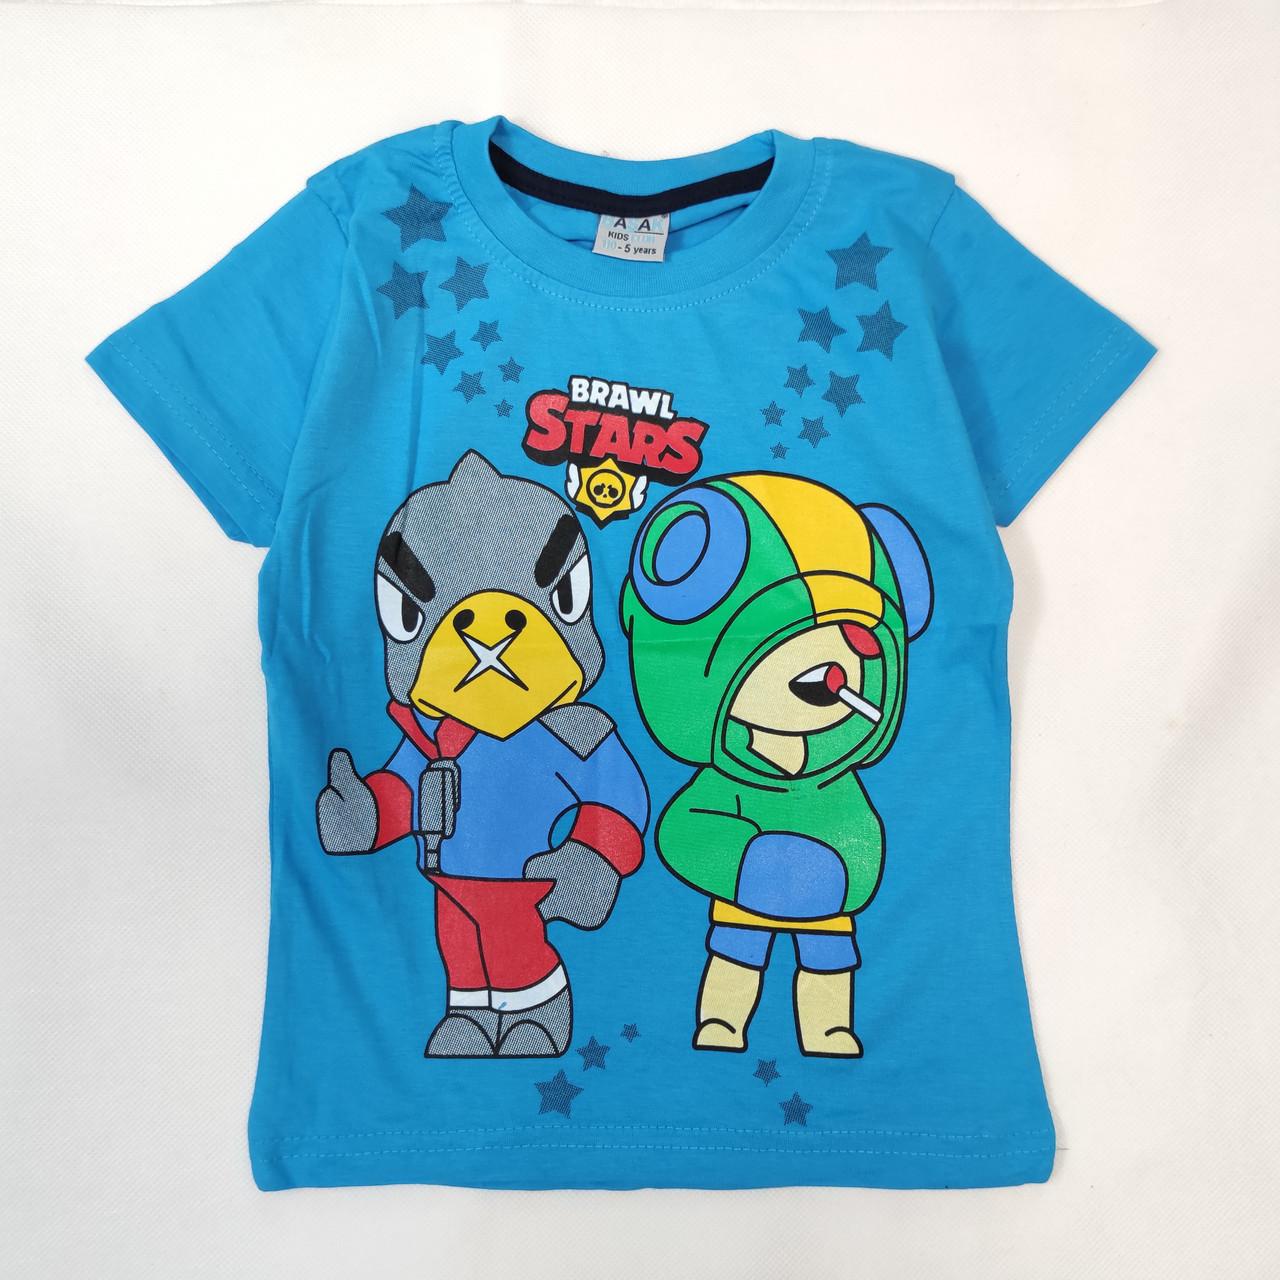 Детская футболка для мальчика бравл старс brawl stars голубая 6-7 лет